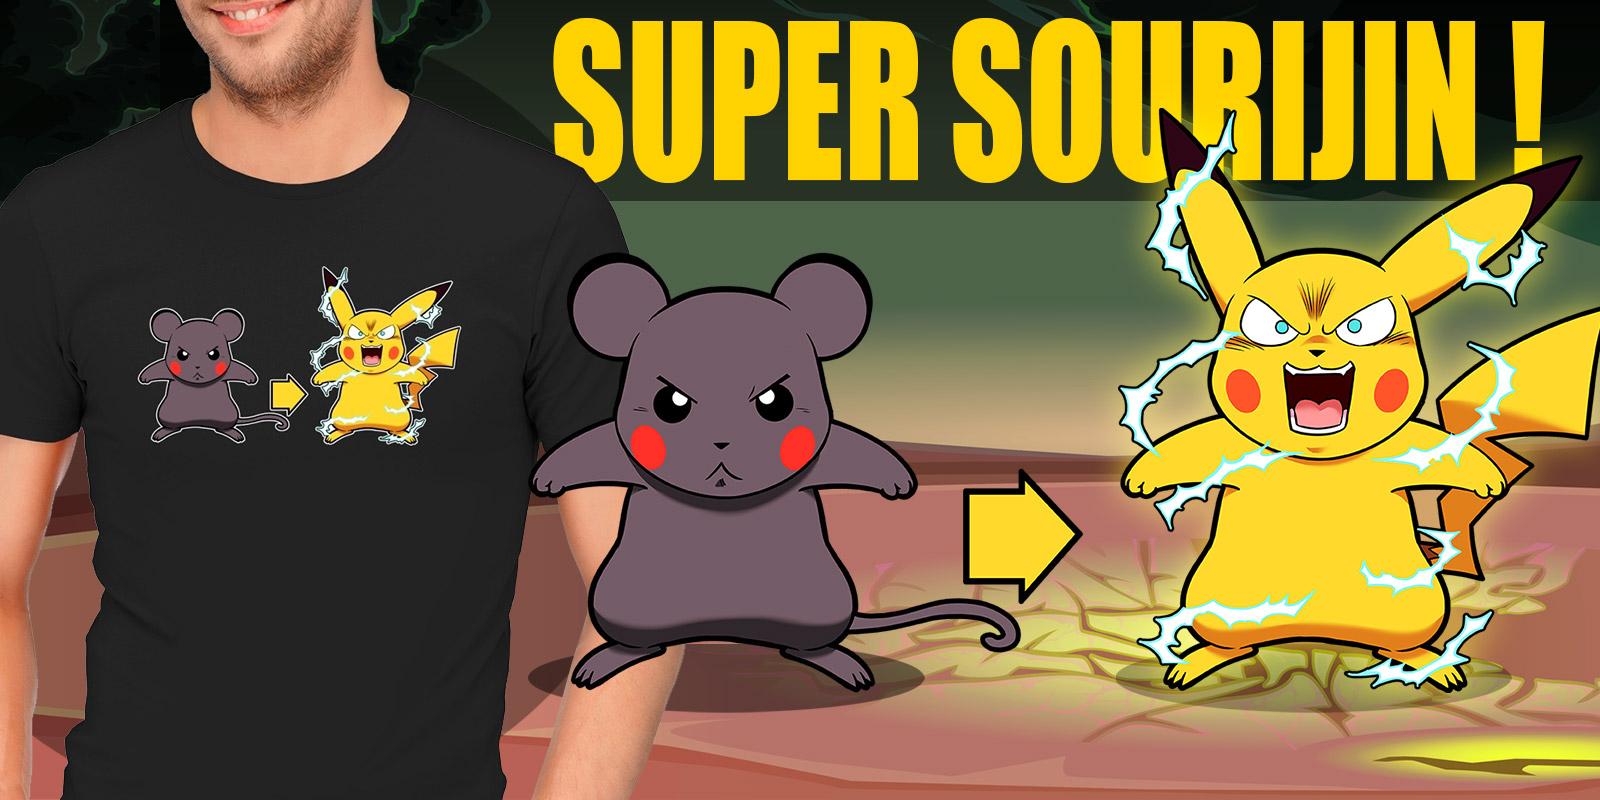 Super Sourijin !!